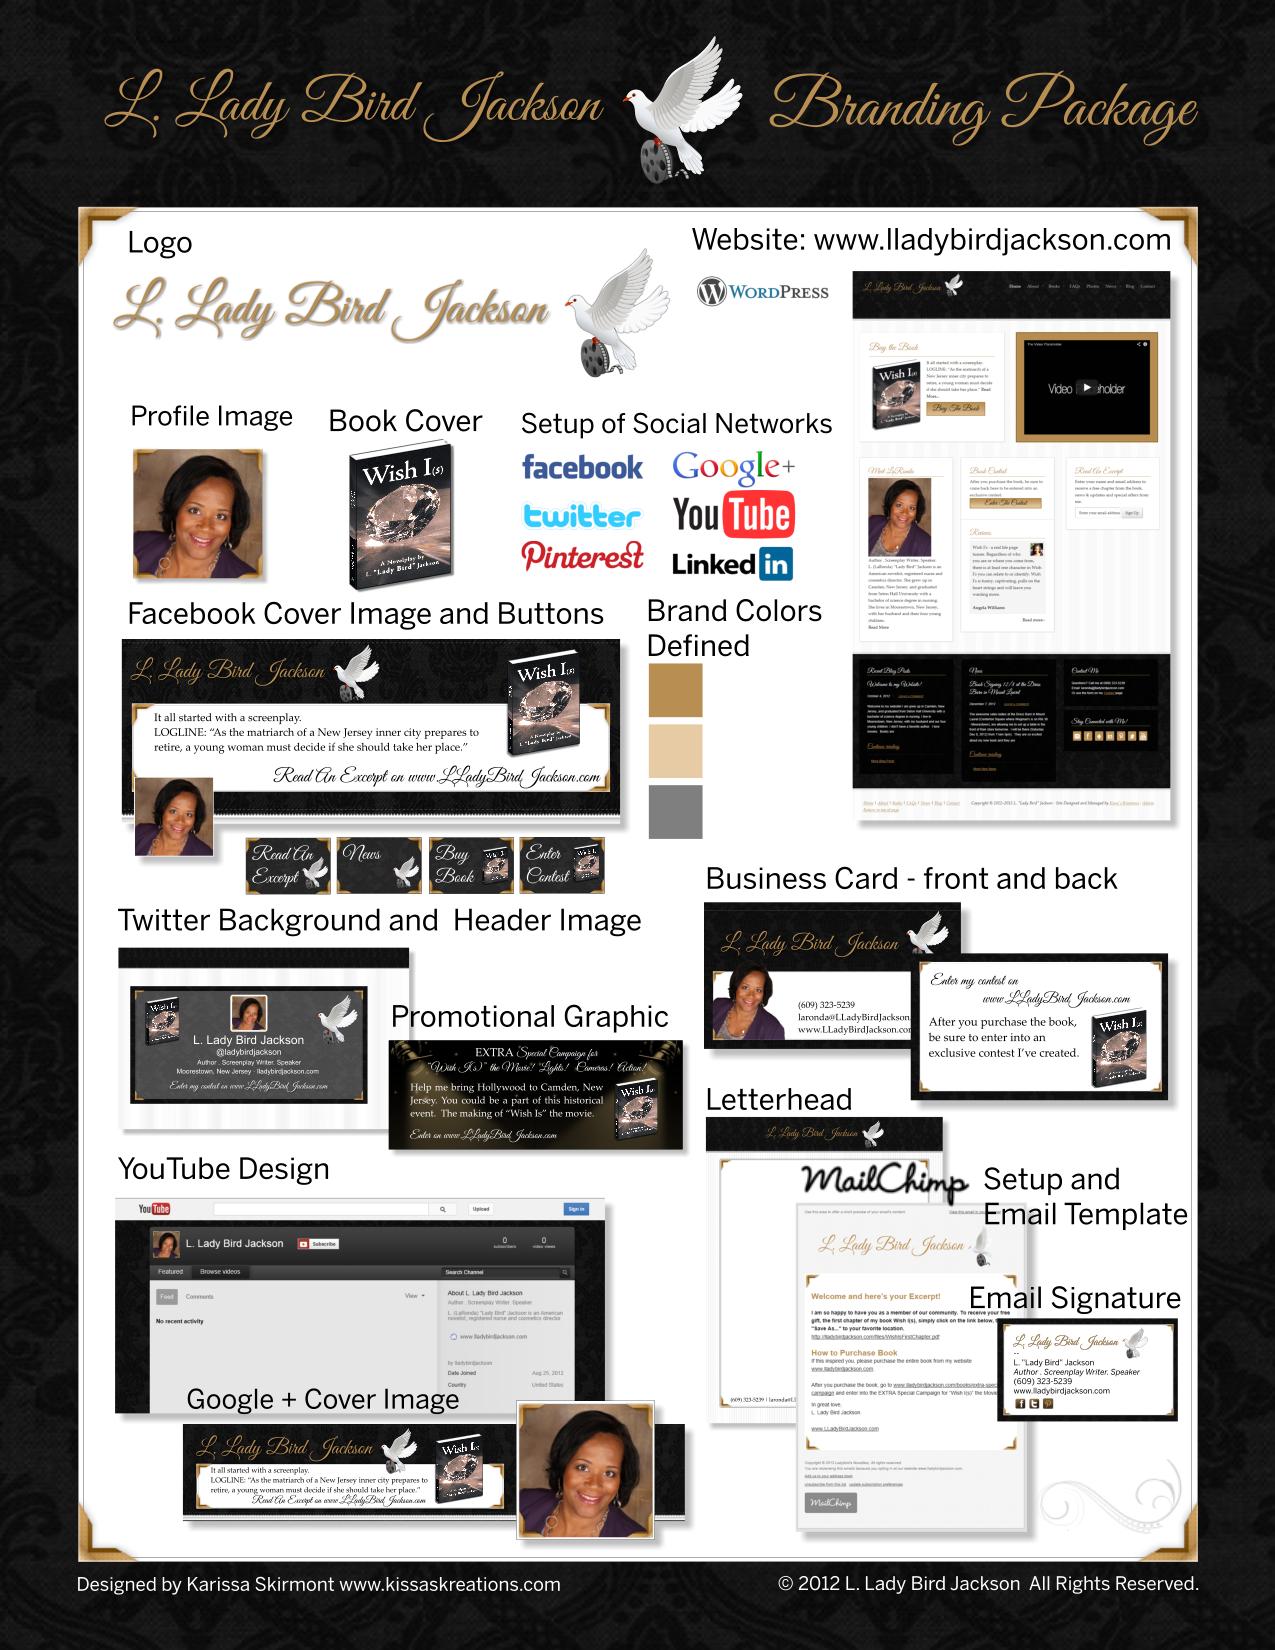 LaRonda Jackson Branding Package